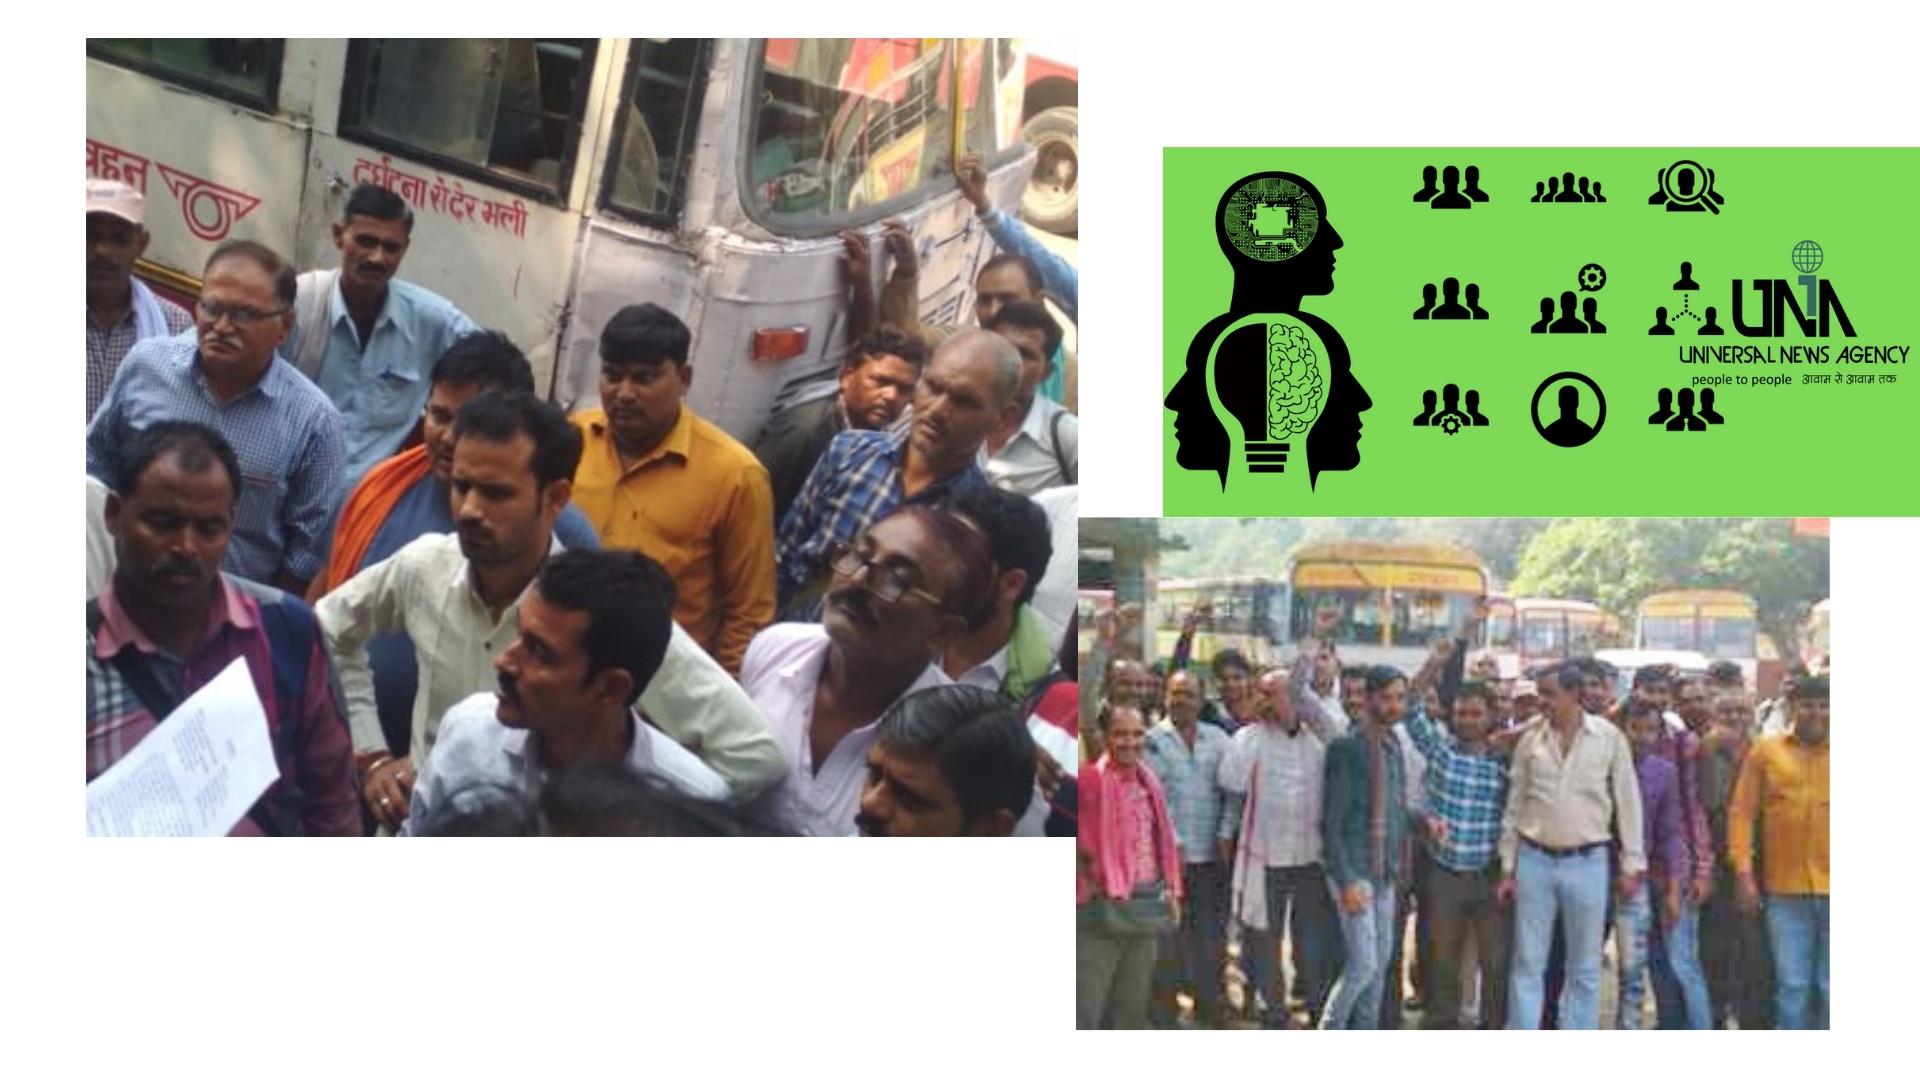 रोडवेज बस चालक की दुर्घटना में मौत से बस चालकों व परिवार जनों का हंगामा